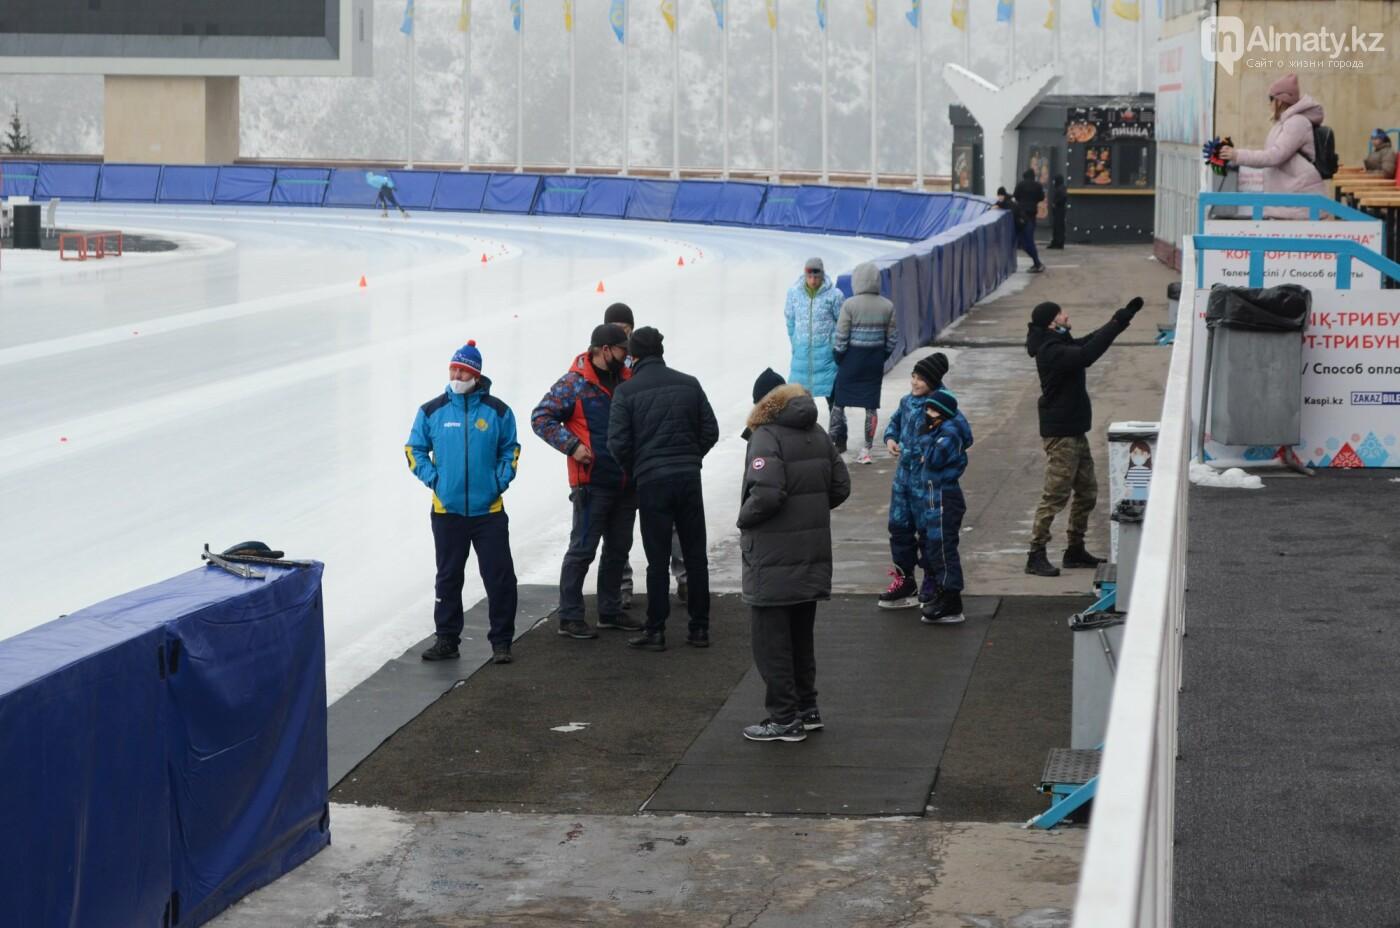 Горячий лёд Медеу: как прошел Кубок Казахстана по конькобежному спорту. ФОТО, фото-6